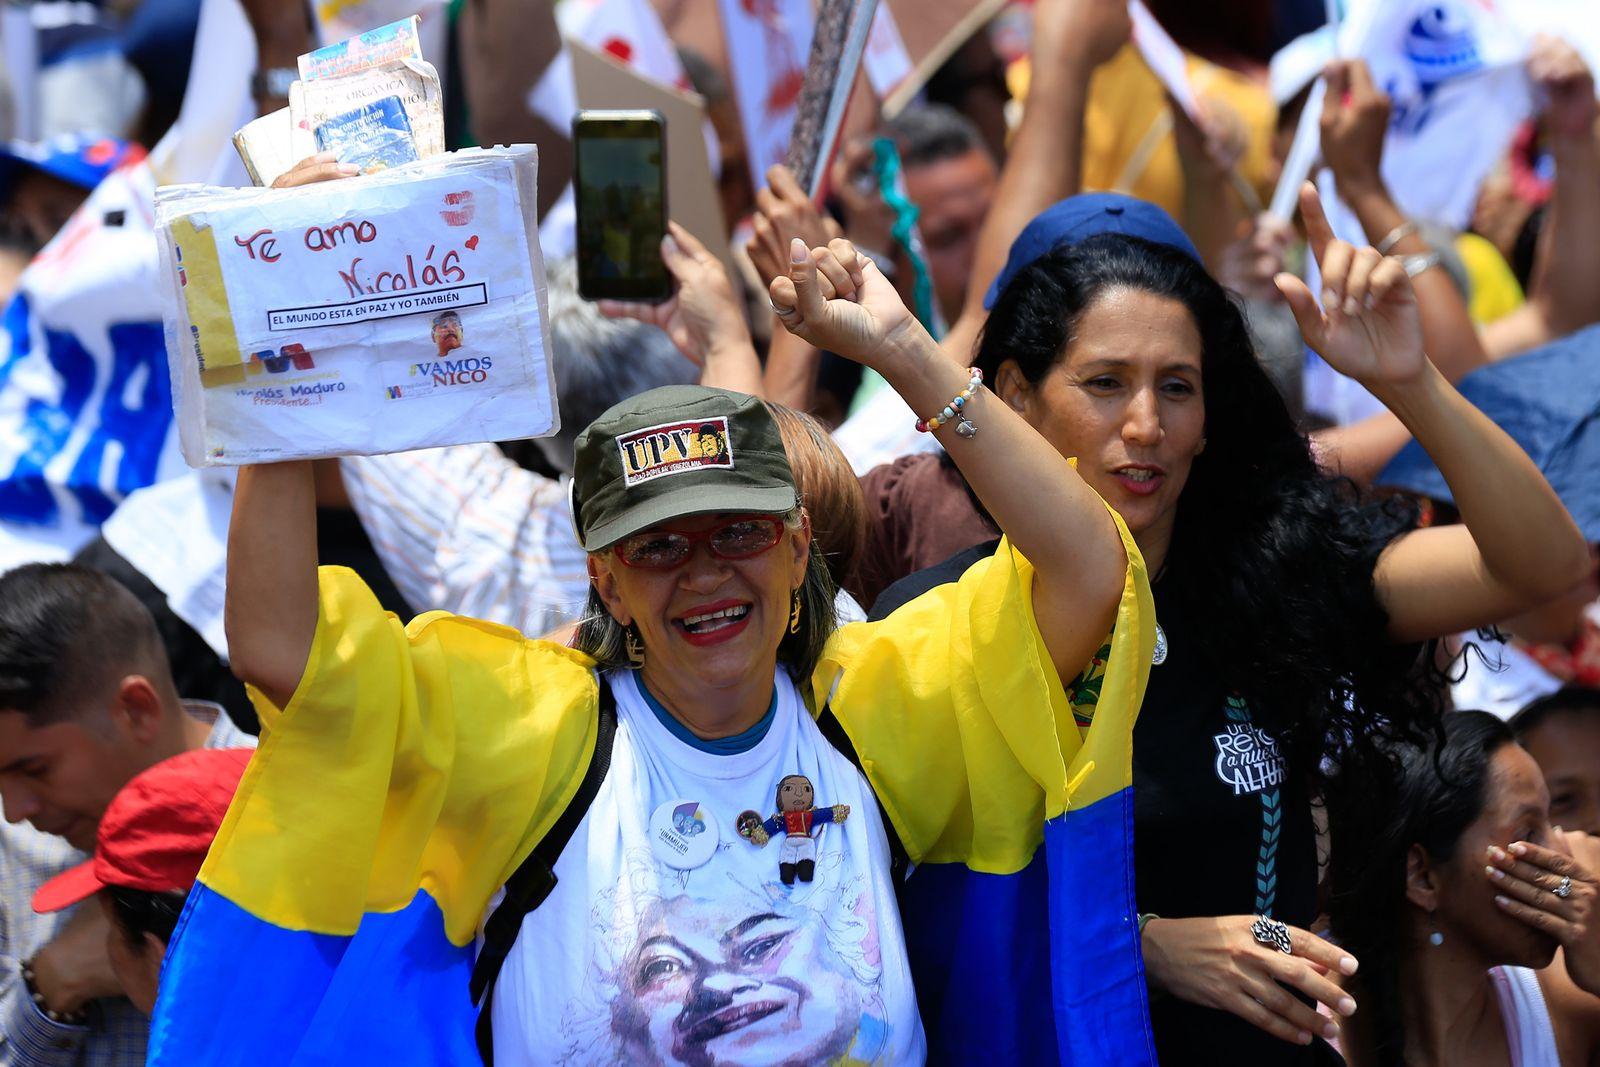 Krise in Venezuela - Kundgebung für Maduros Regierung